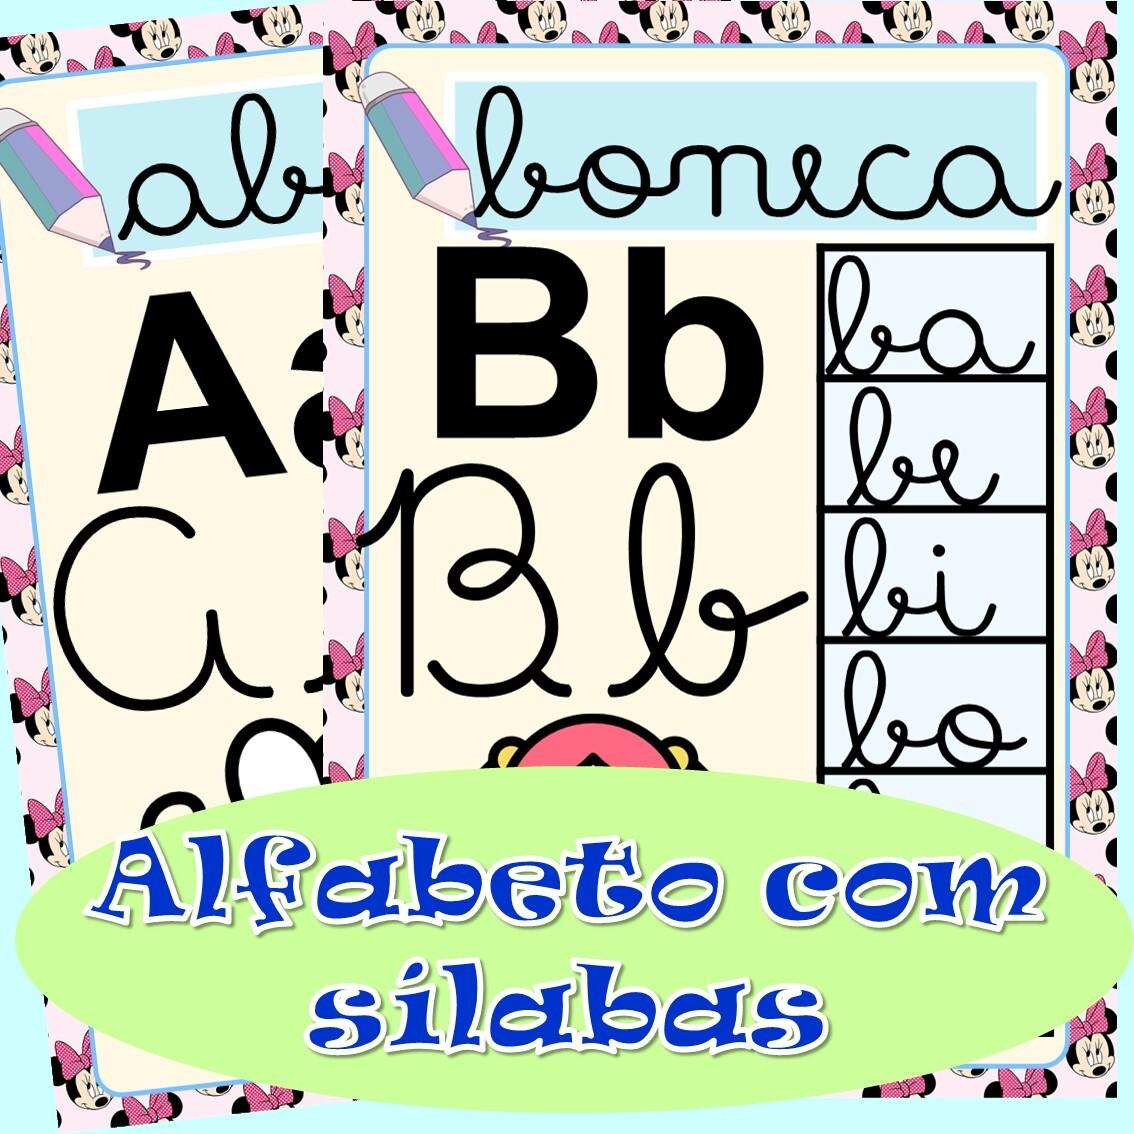 Foto 1 - Alfabeto para imprimir com sílabas letra cursiva Minnie Mouse